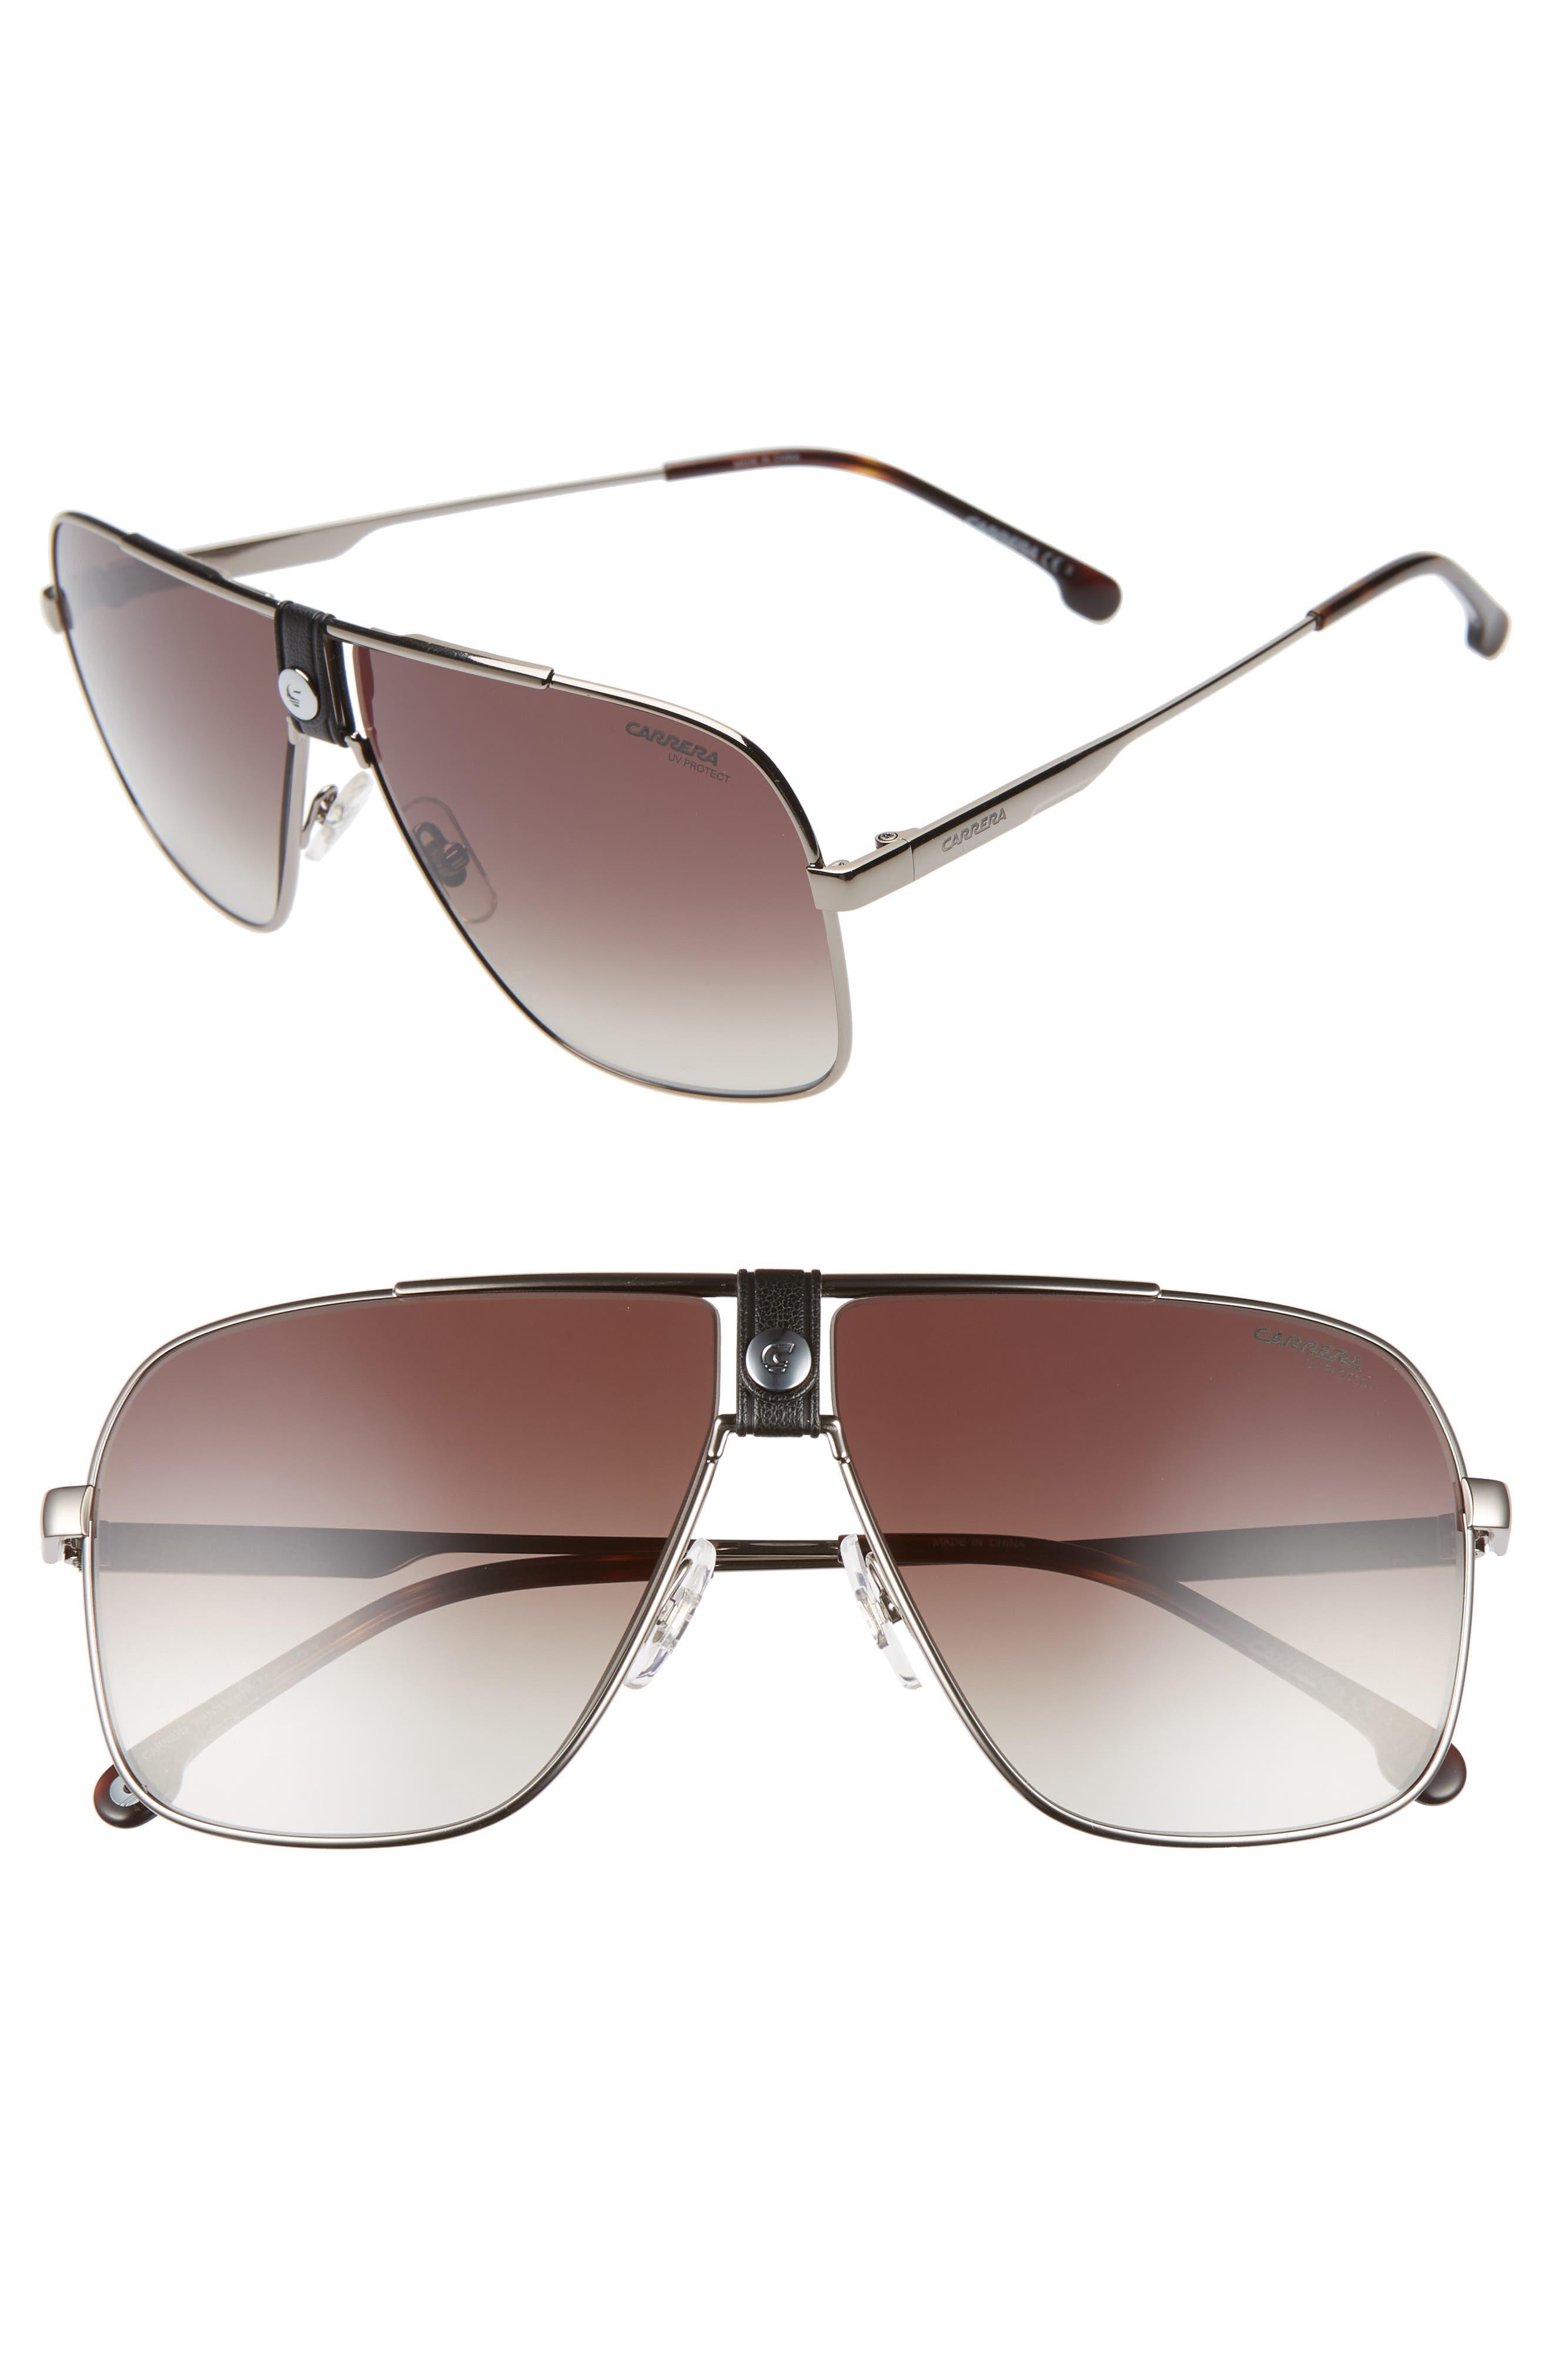 Carrera Eyewear 6m Navigator Sunglasses - Ruthenium